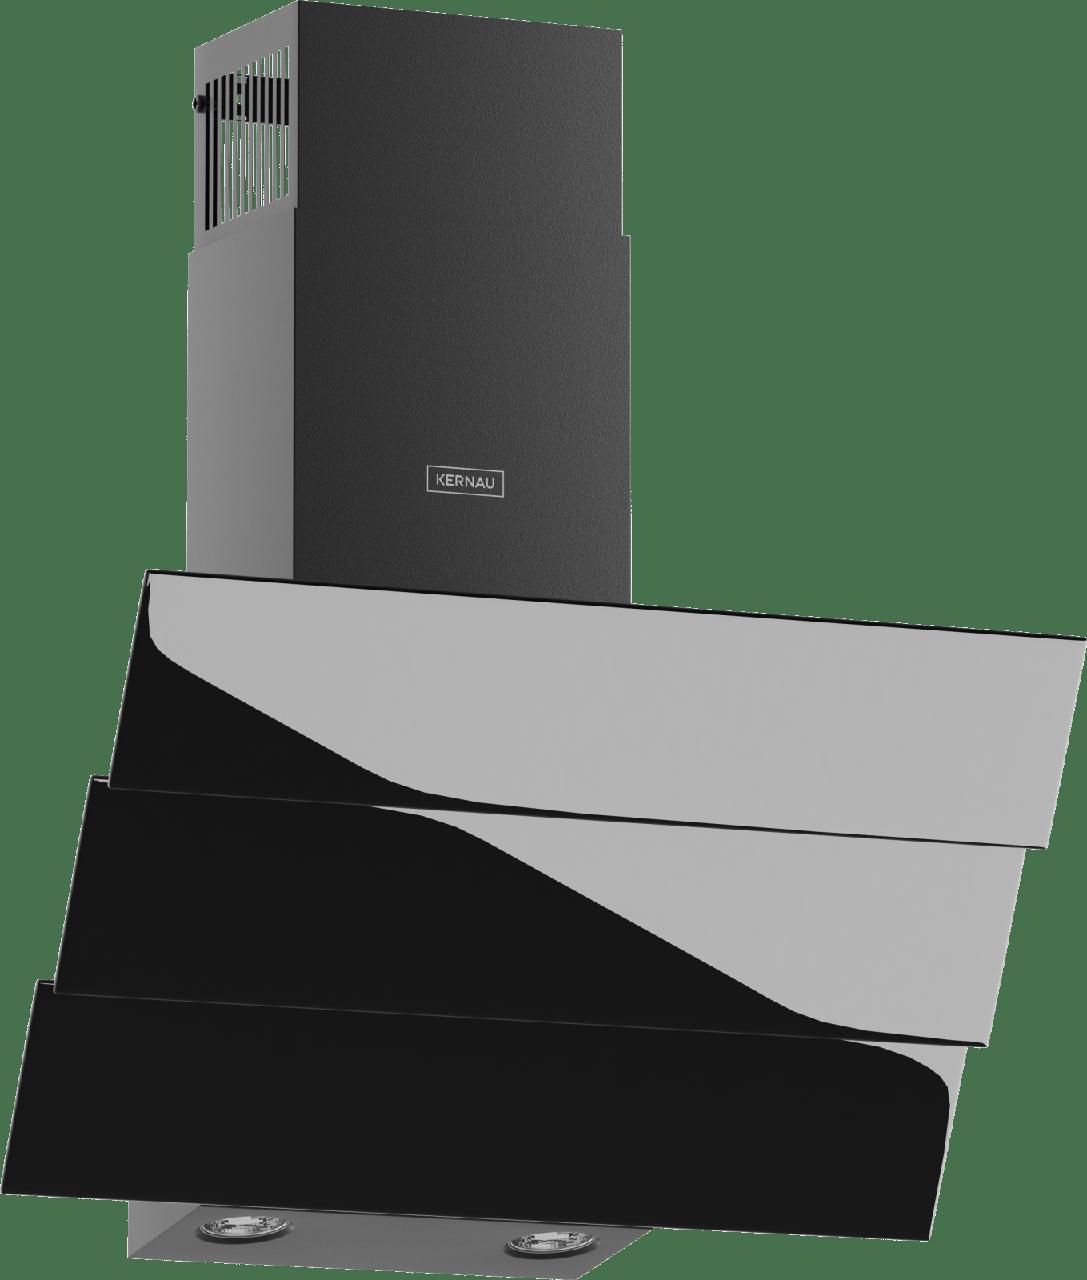 Кухонна витяжка, настінна Kernau KCH 3591.1 B